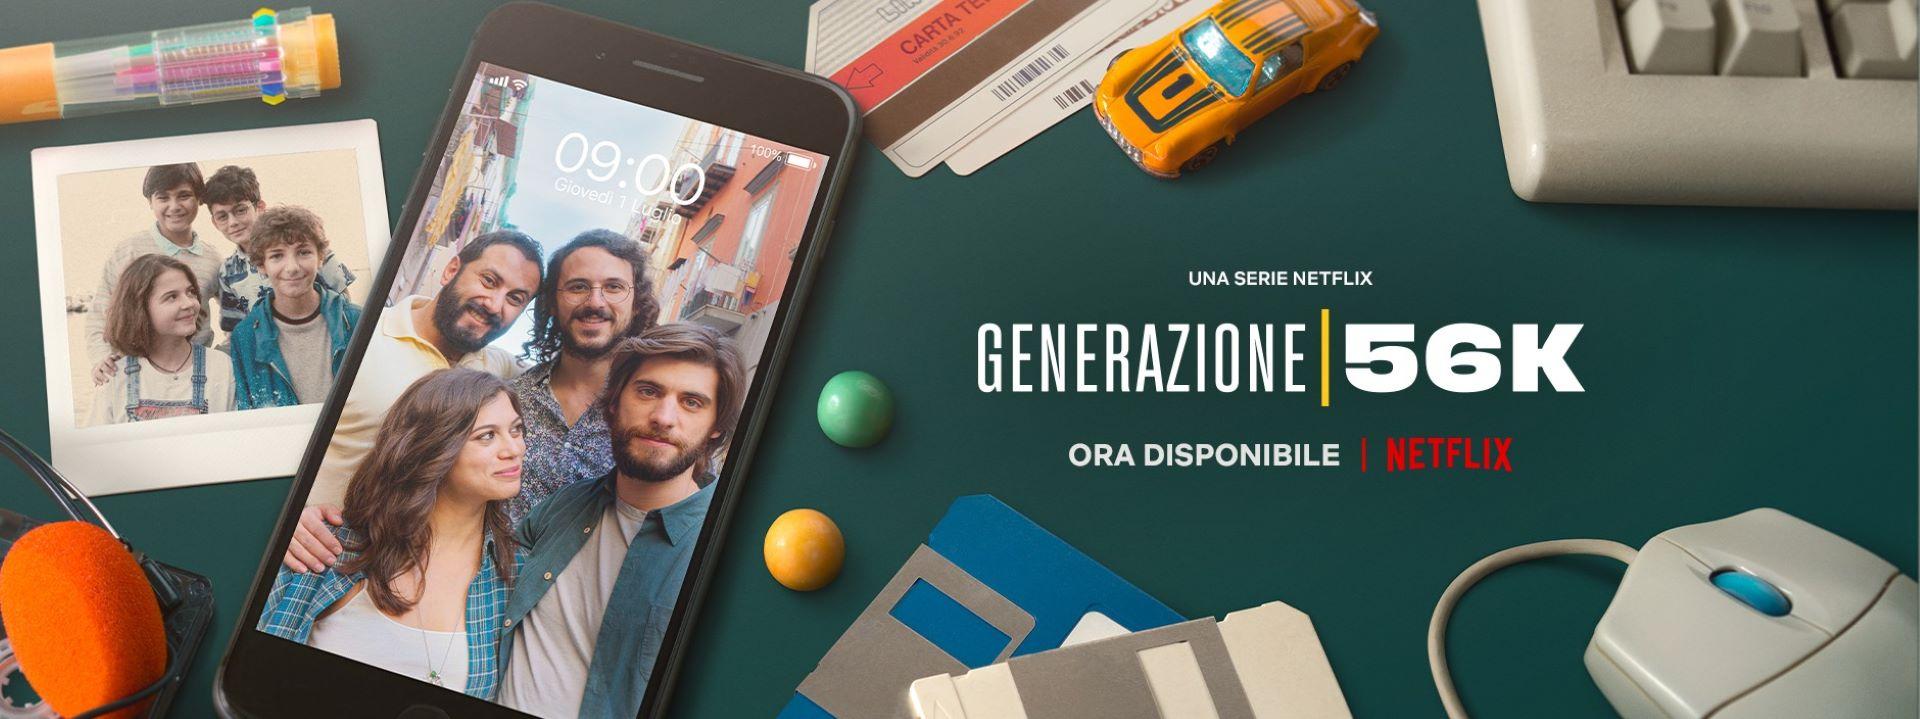 Generazione 56K - Modem